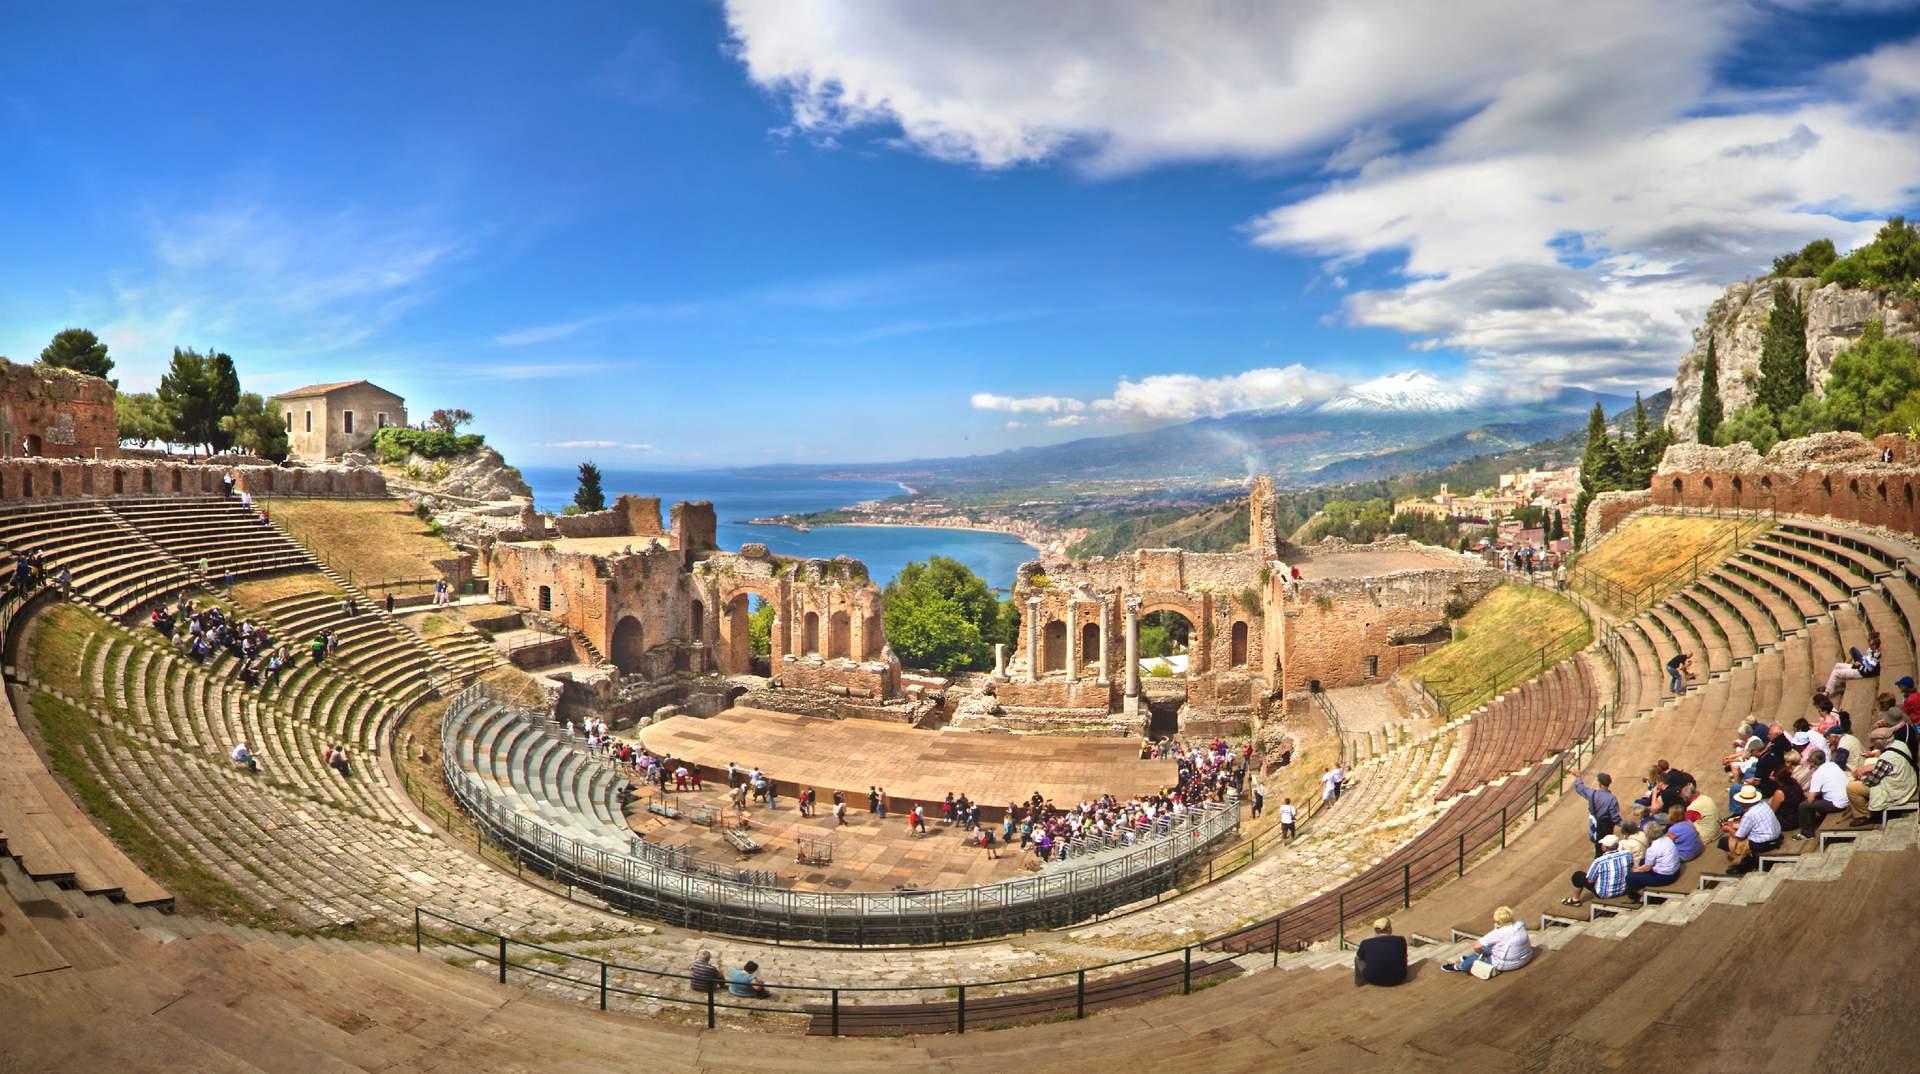 Freichlichttheater in Taormina